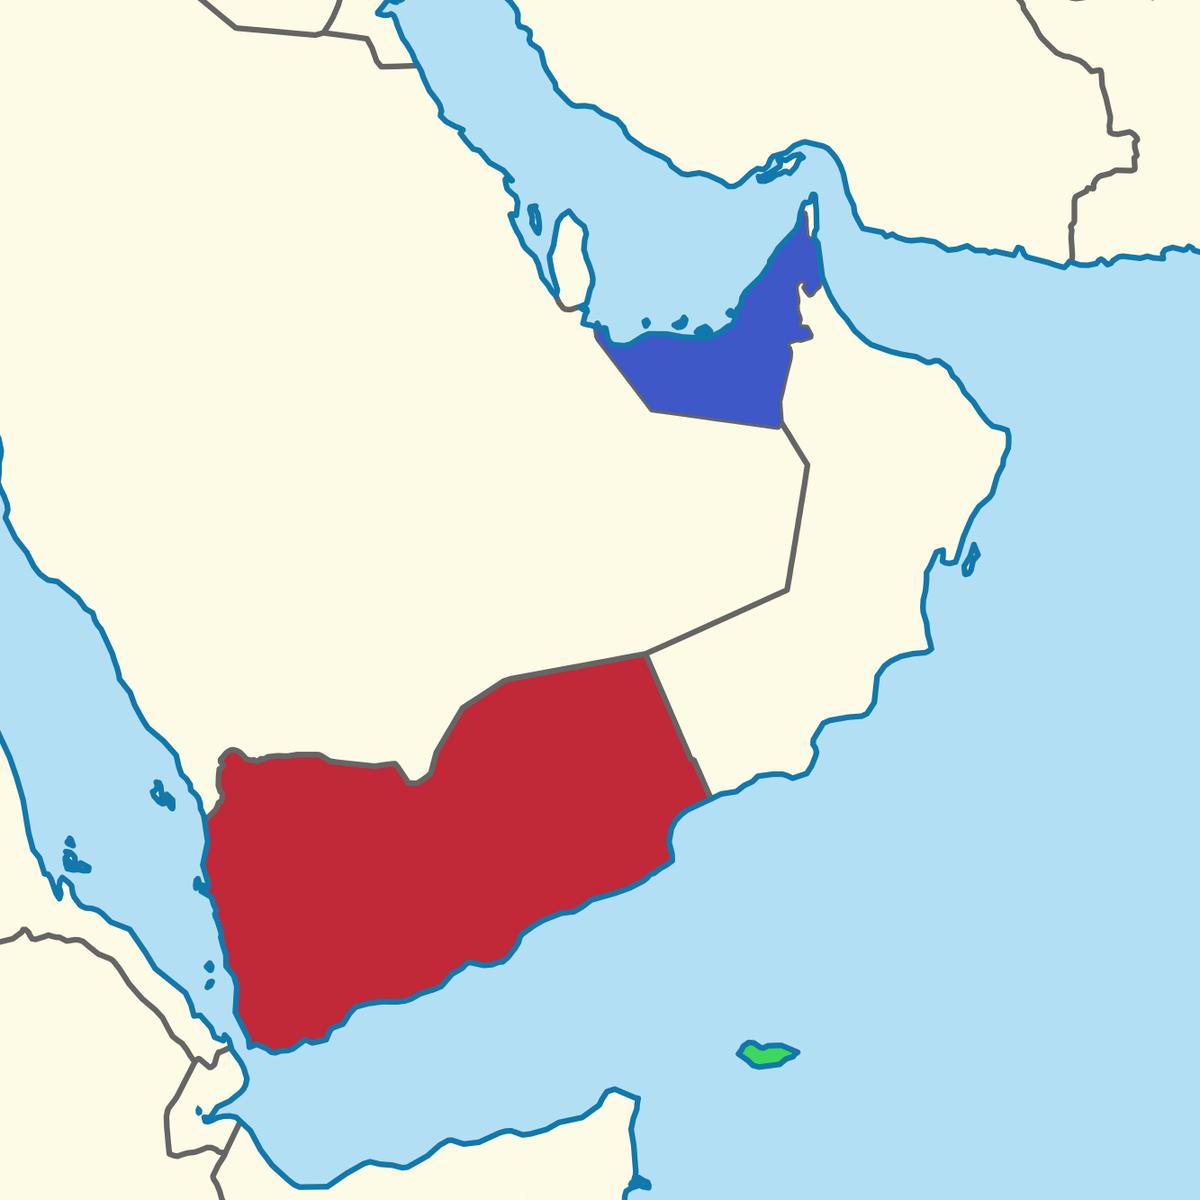 استيلاء الإمارات على سقطرى ويكيبيديا